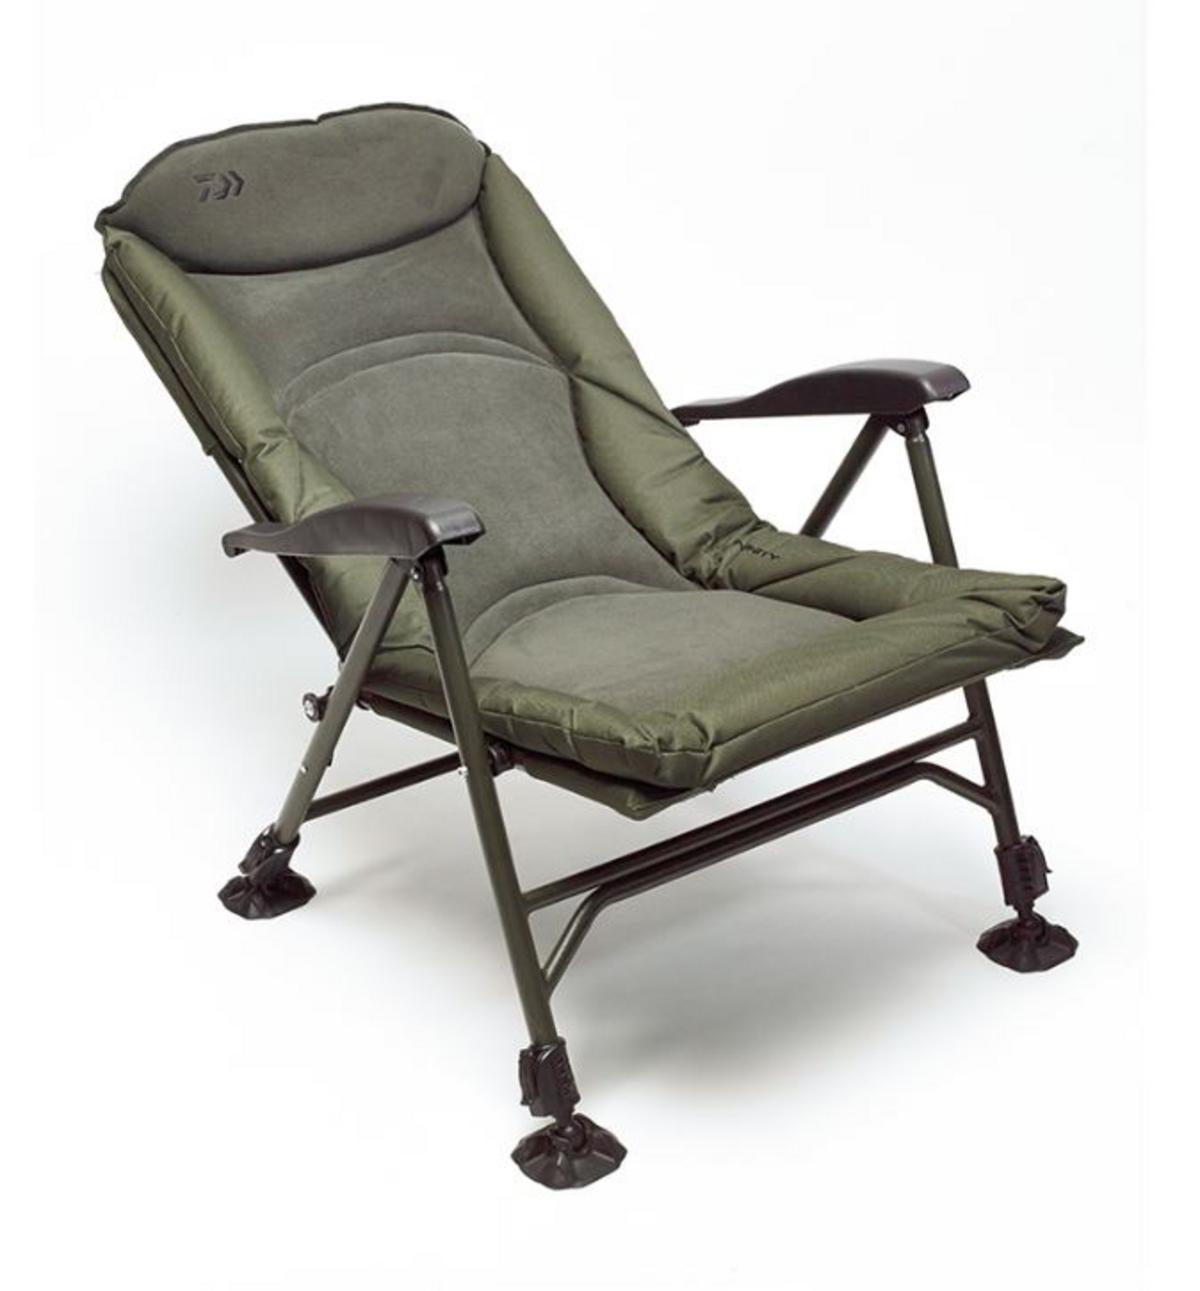 New Daiwa Infinity Folding Chair Ifc1